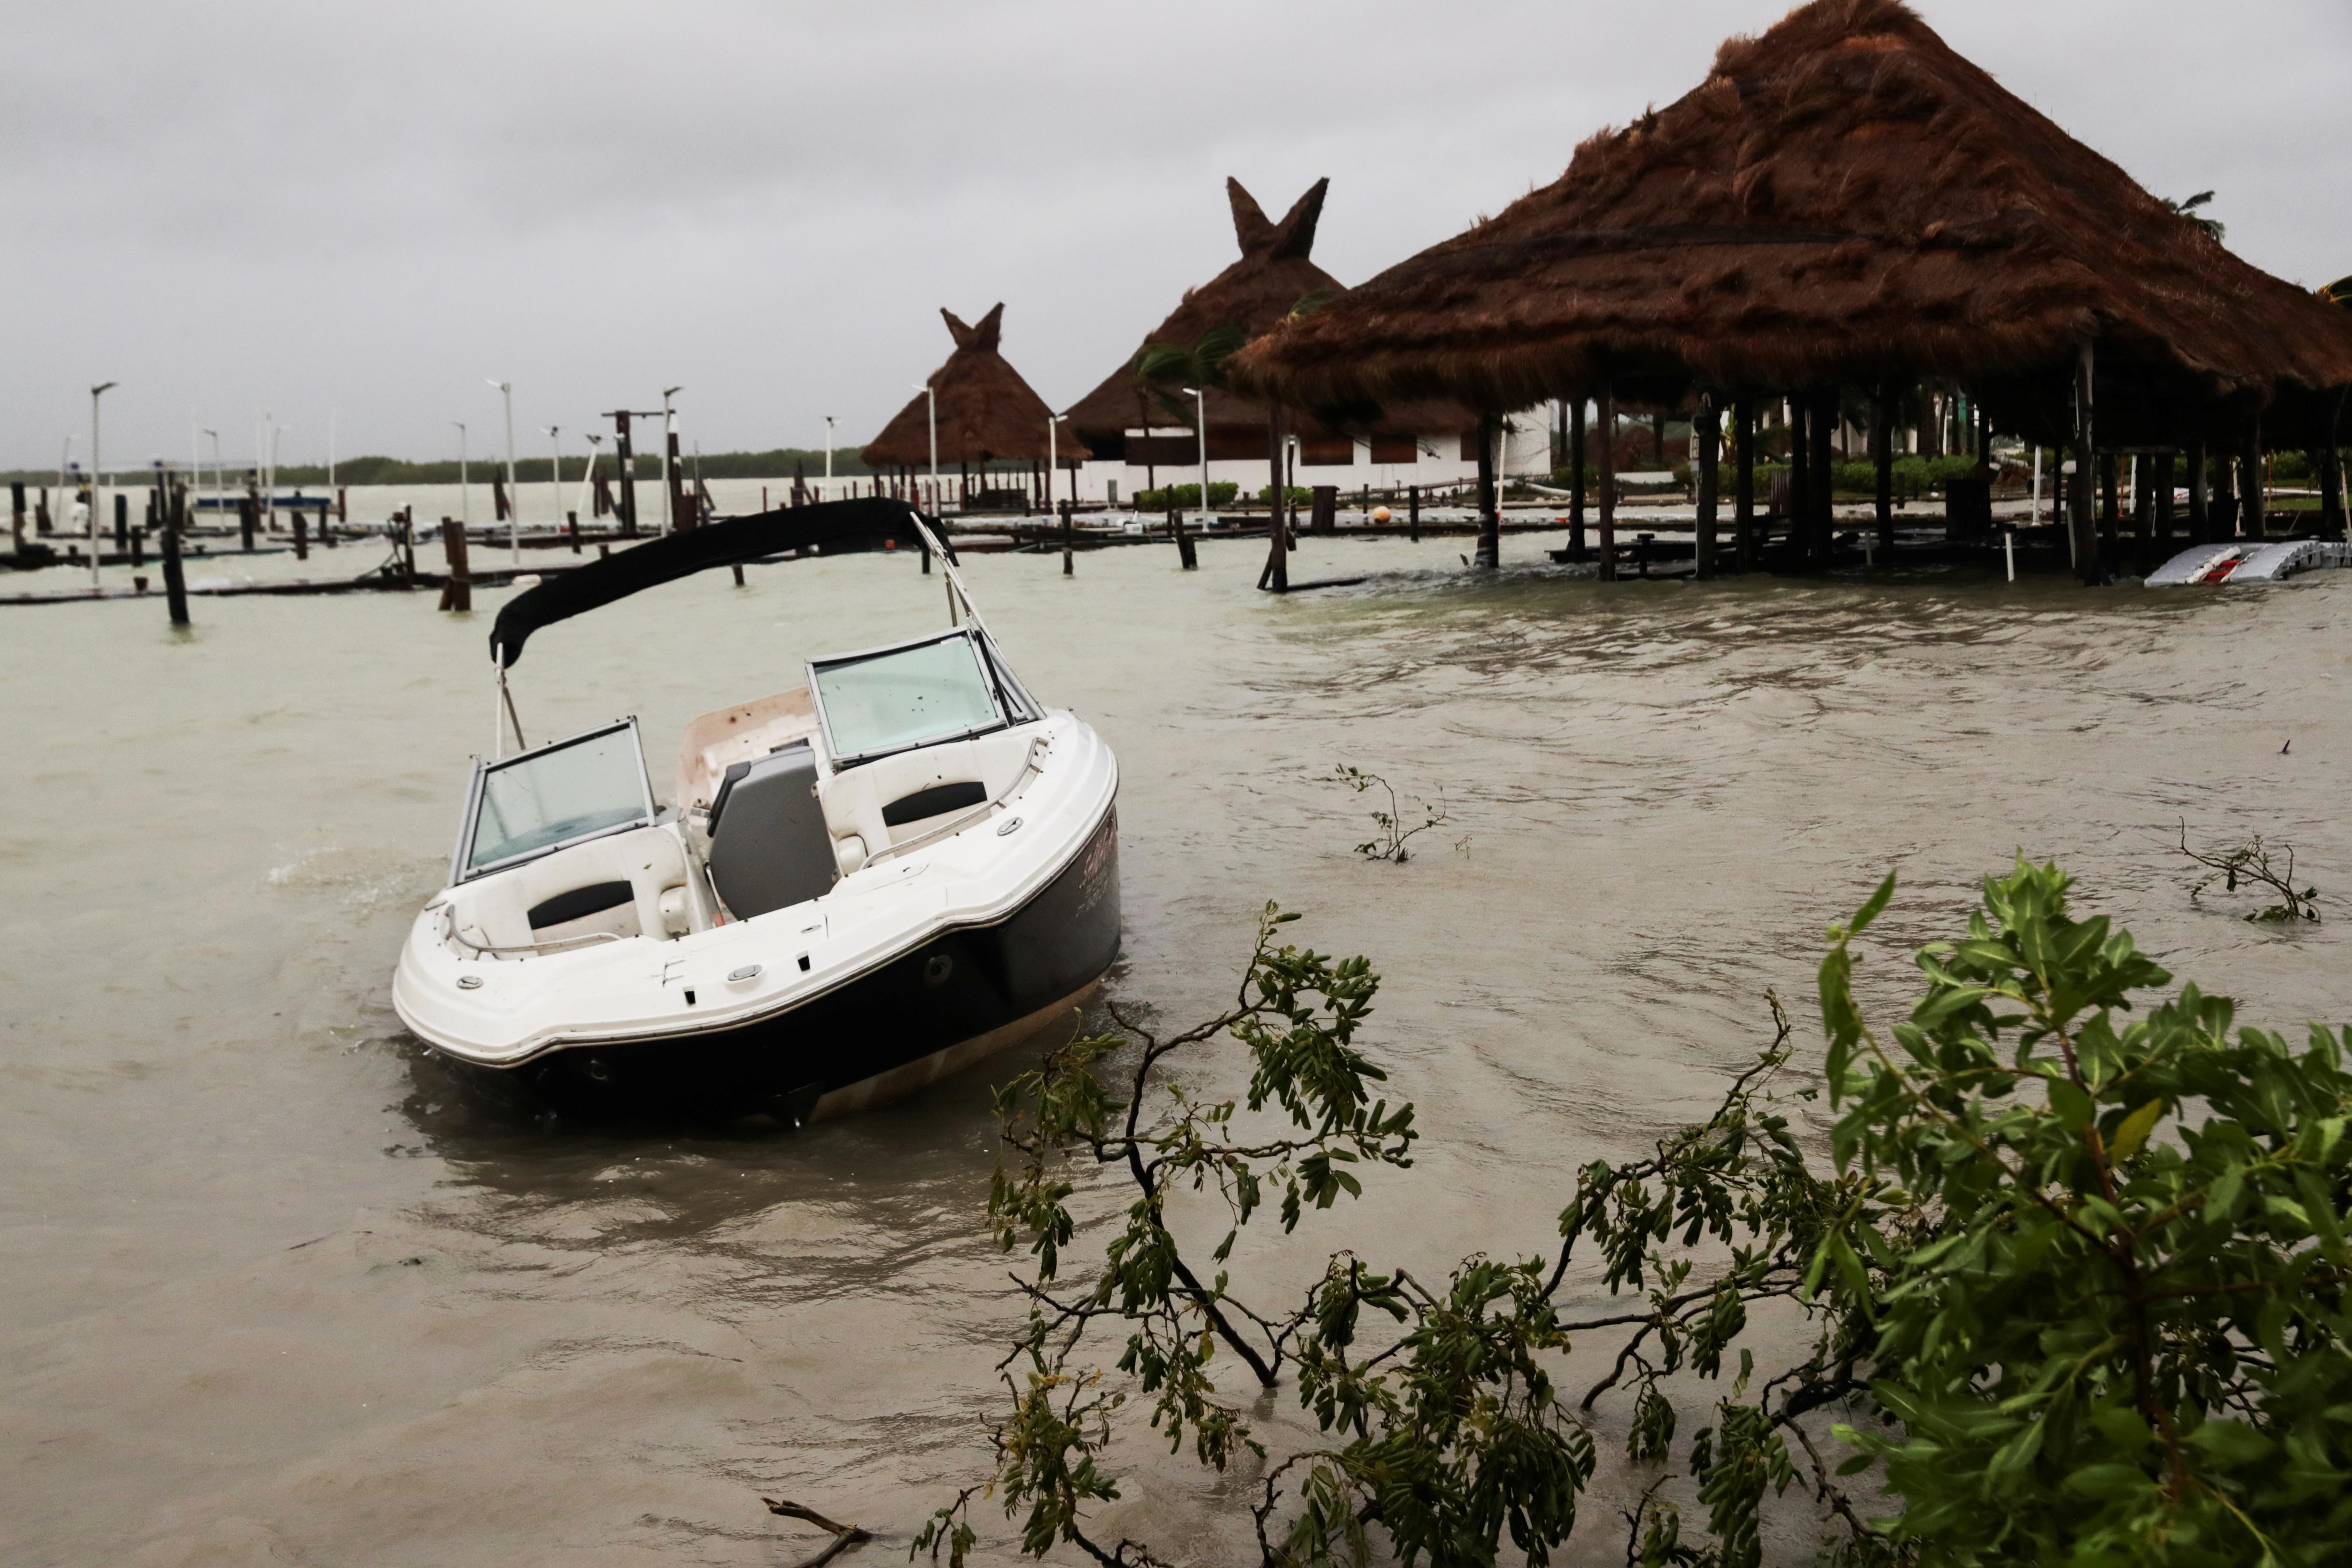 Se ve un bote dañado después del golpe del huracán Delta, en la playa Tortuga, en Cancún, en el estado de Quintana Roo, México, el 7 de octubre de 2020.